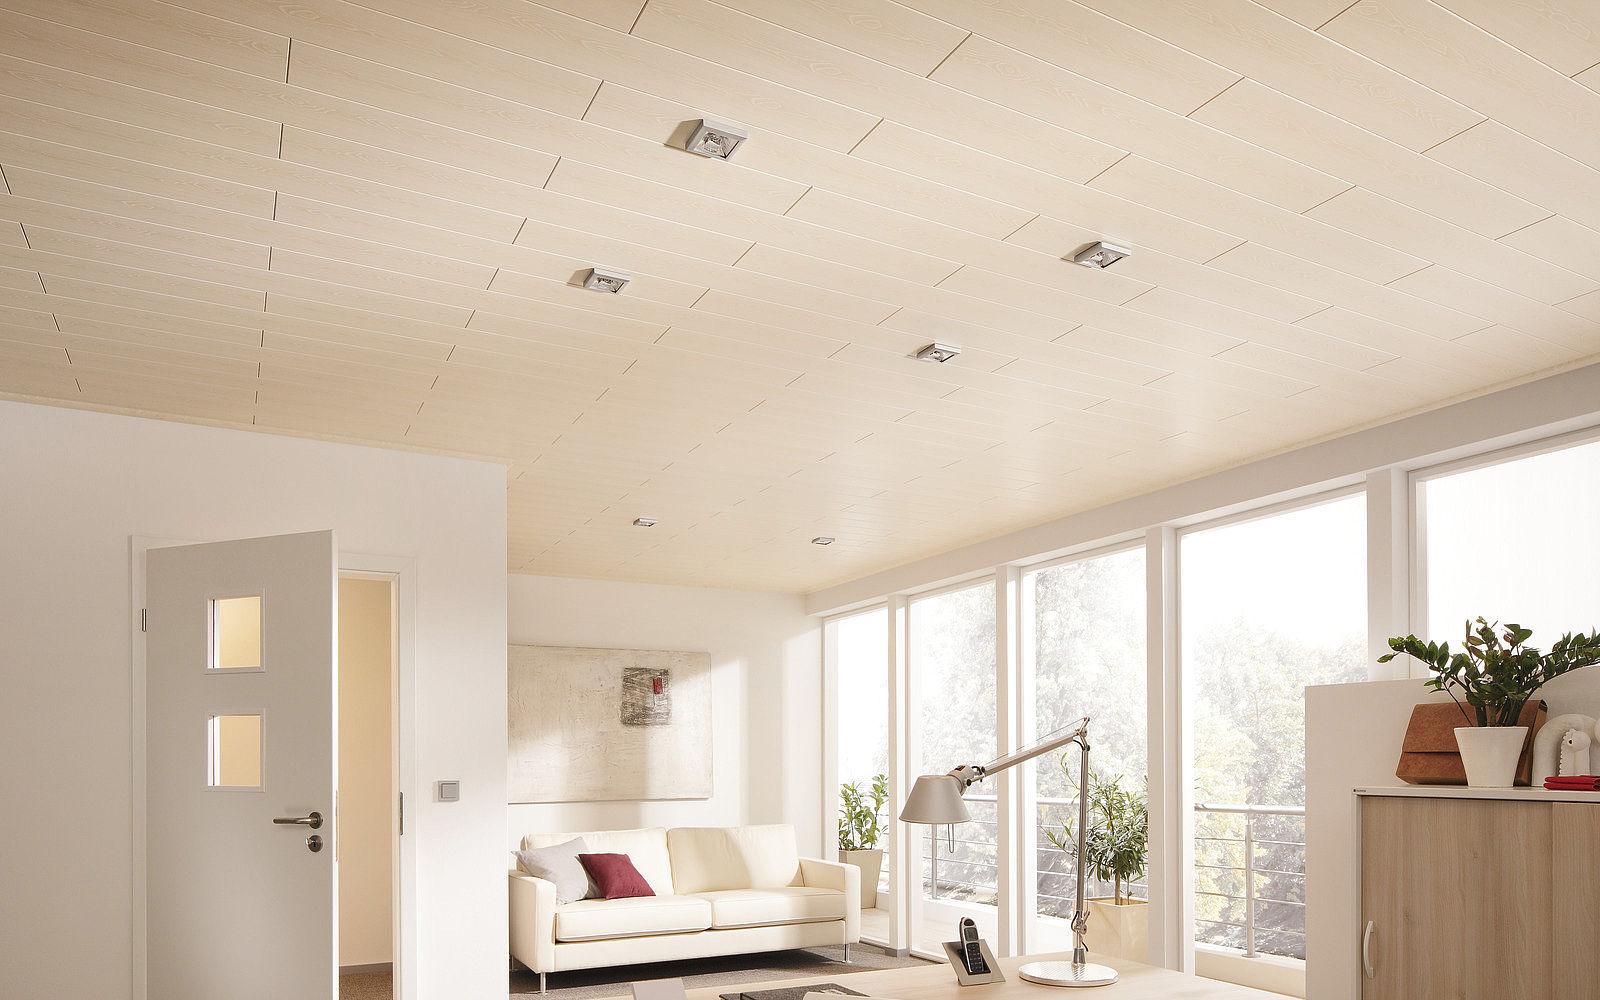 Vertafelung Streichen Ohne Schleifen Holzdecken 23 Wohnzimmer